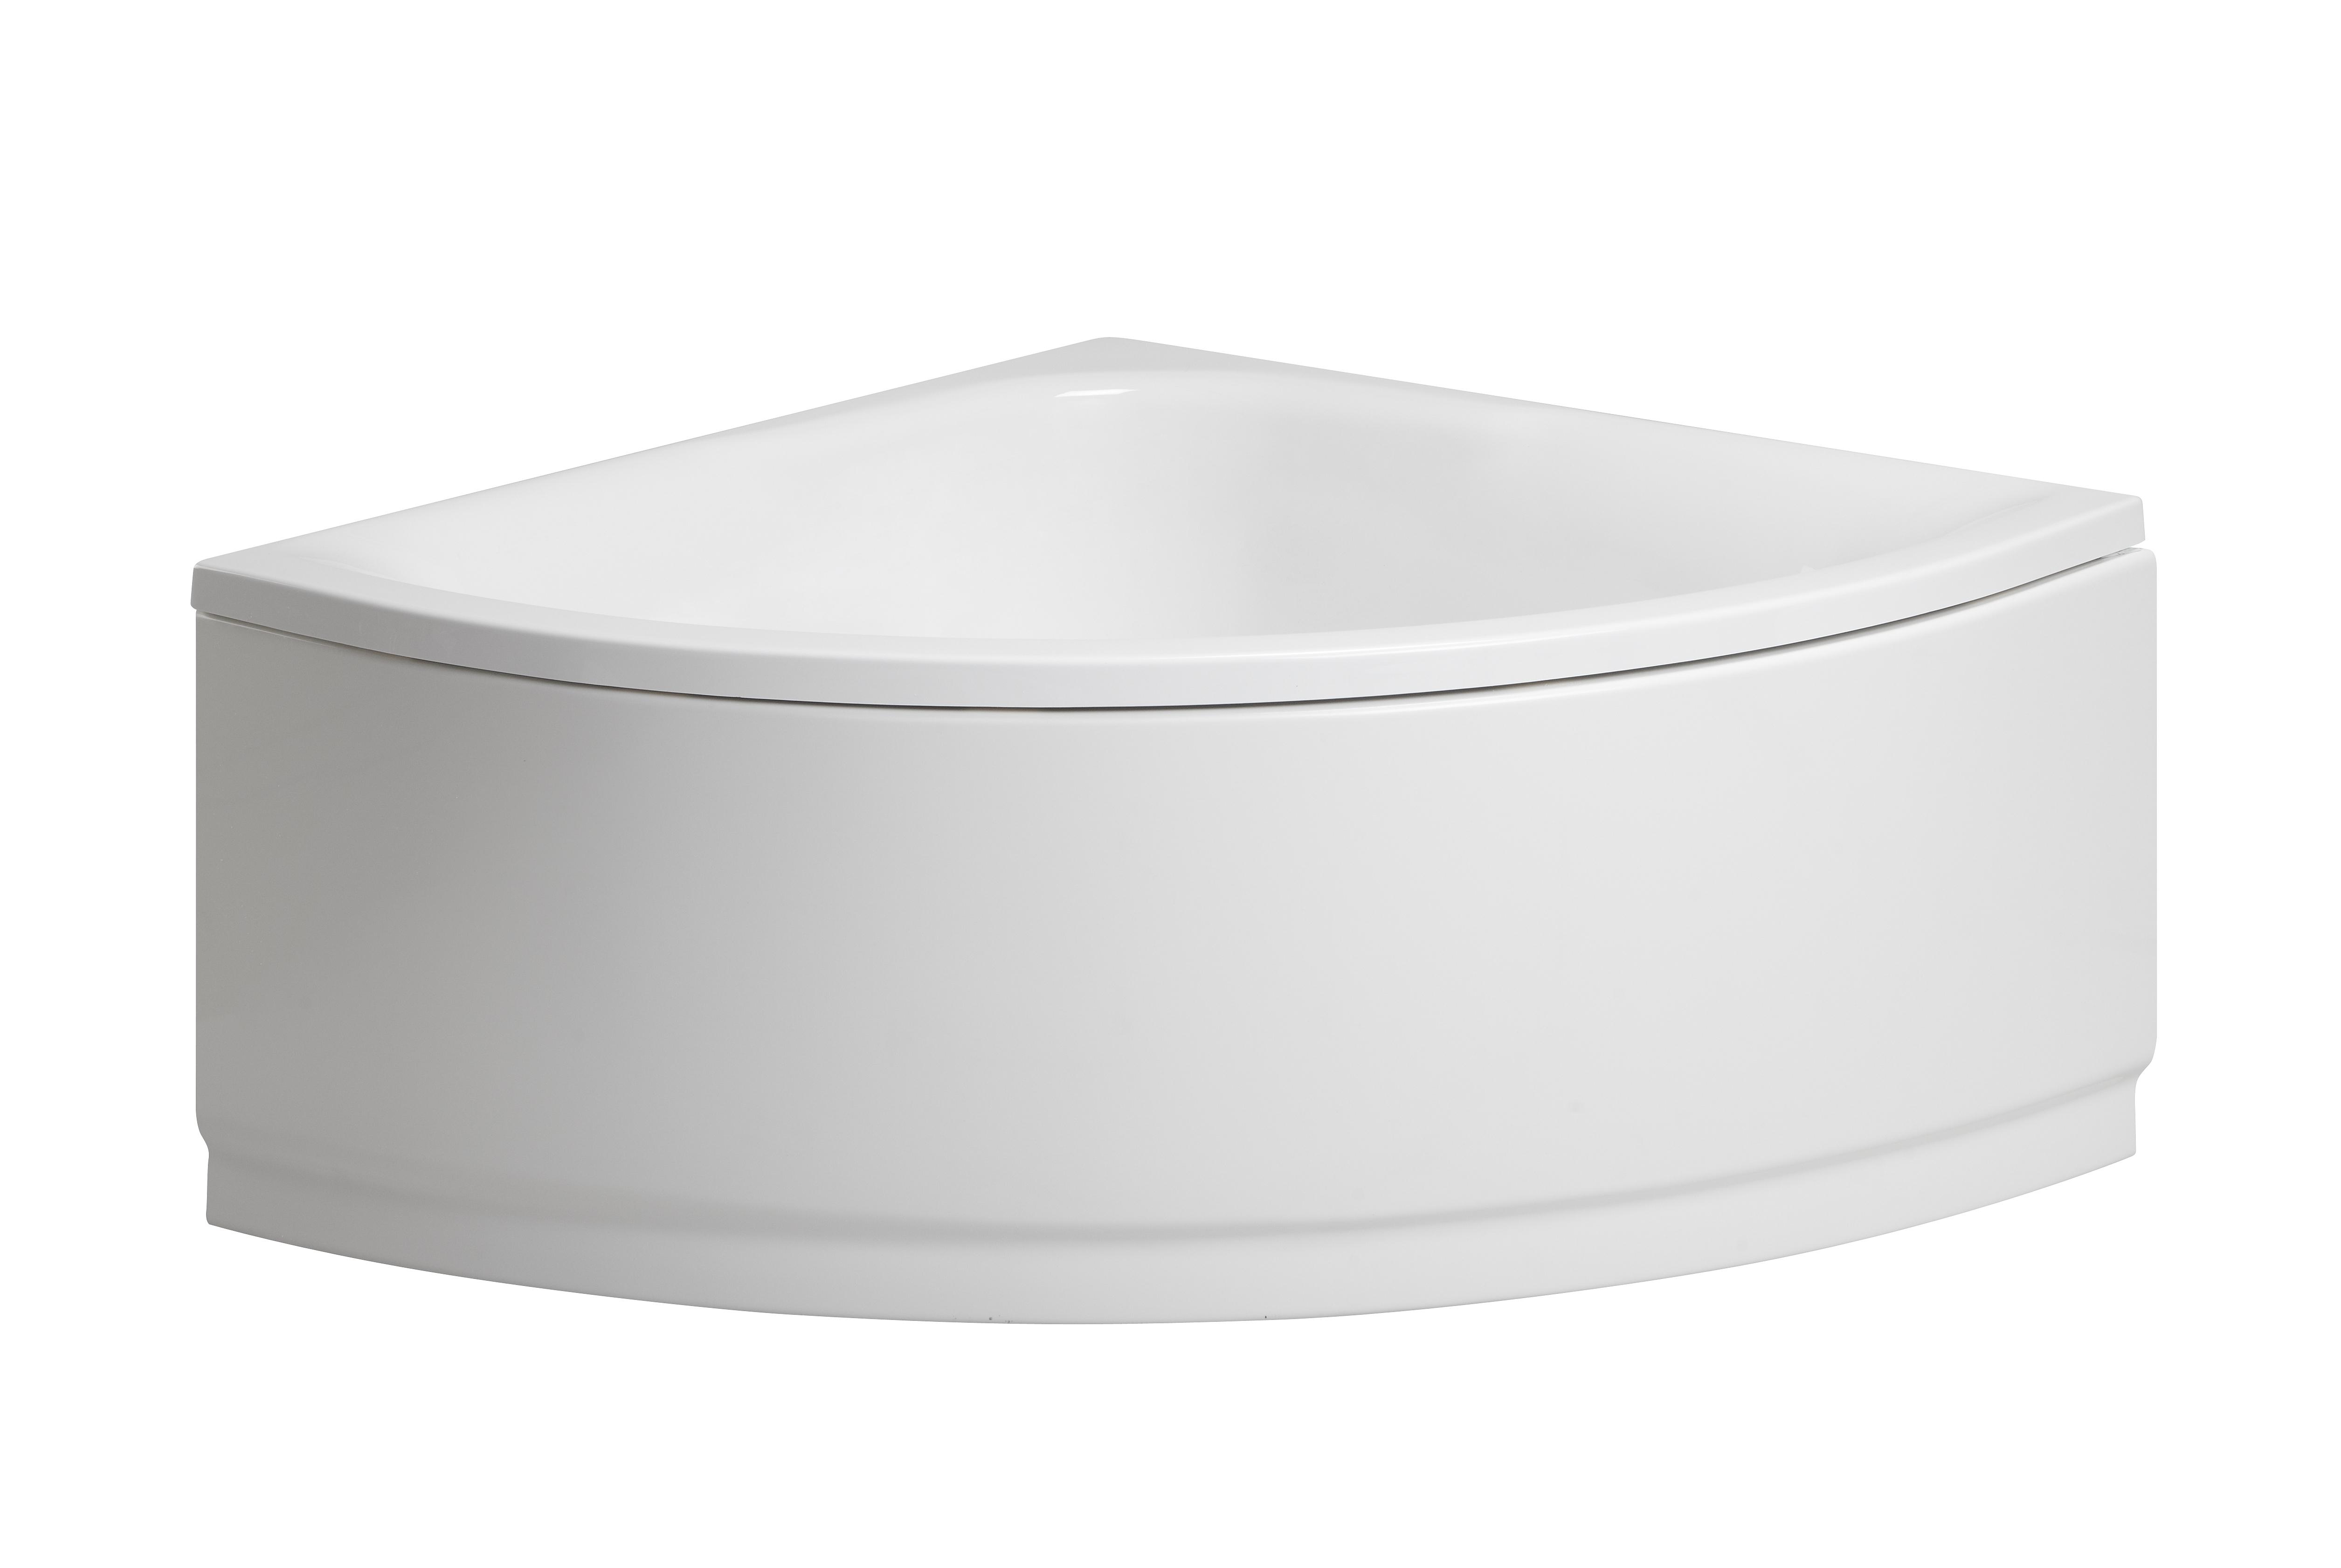 Baignoire d angle 120x120 petite baignoire duangle et solutions pour petits espaces with for Petite baignoire d angle